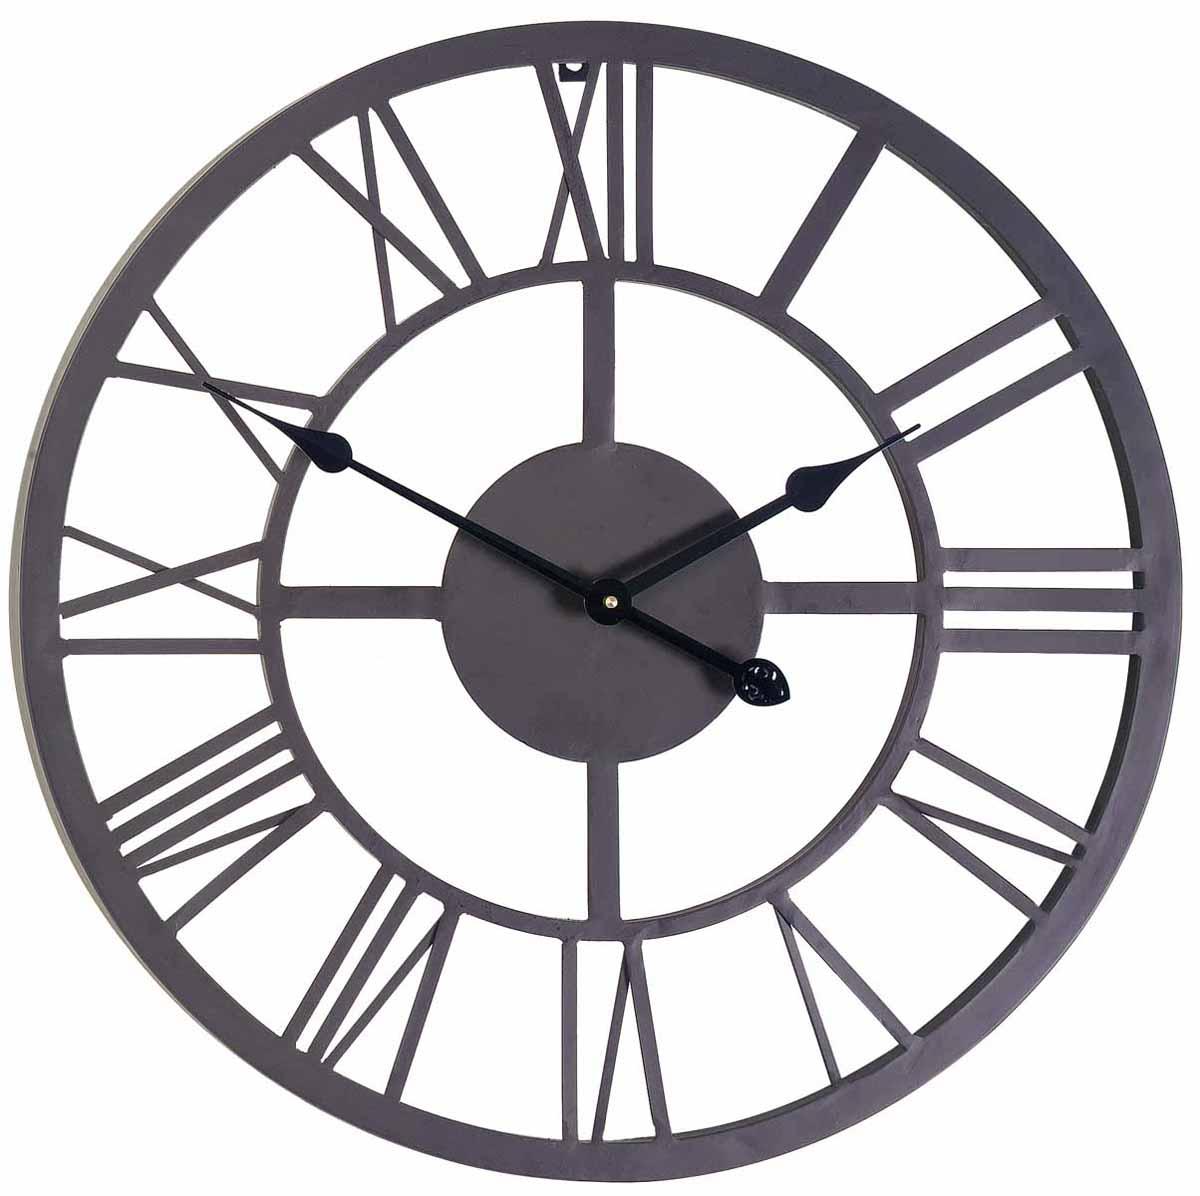 Часы настенные Gardman  Римские , цвет: черный, диаметр 56 см. 17176 - Будильники